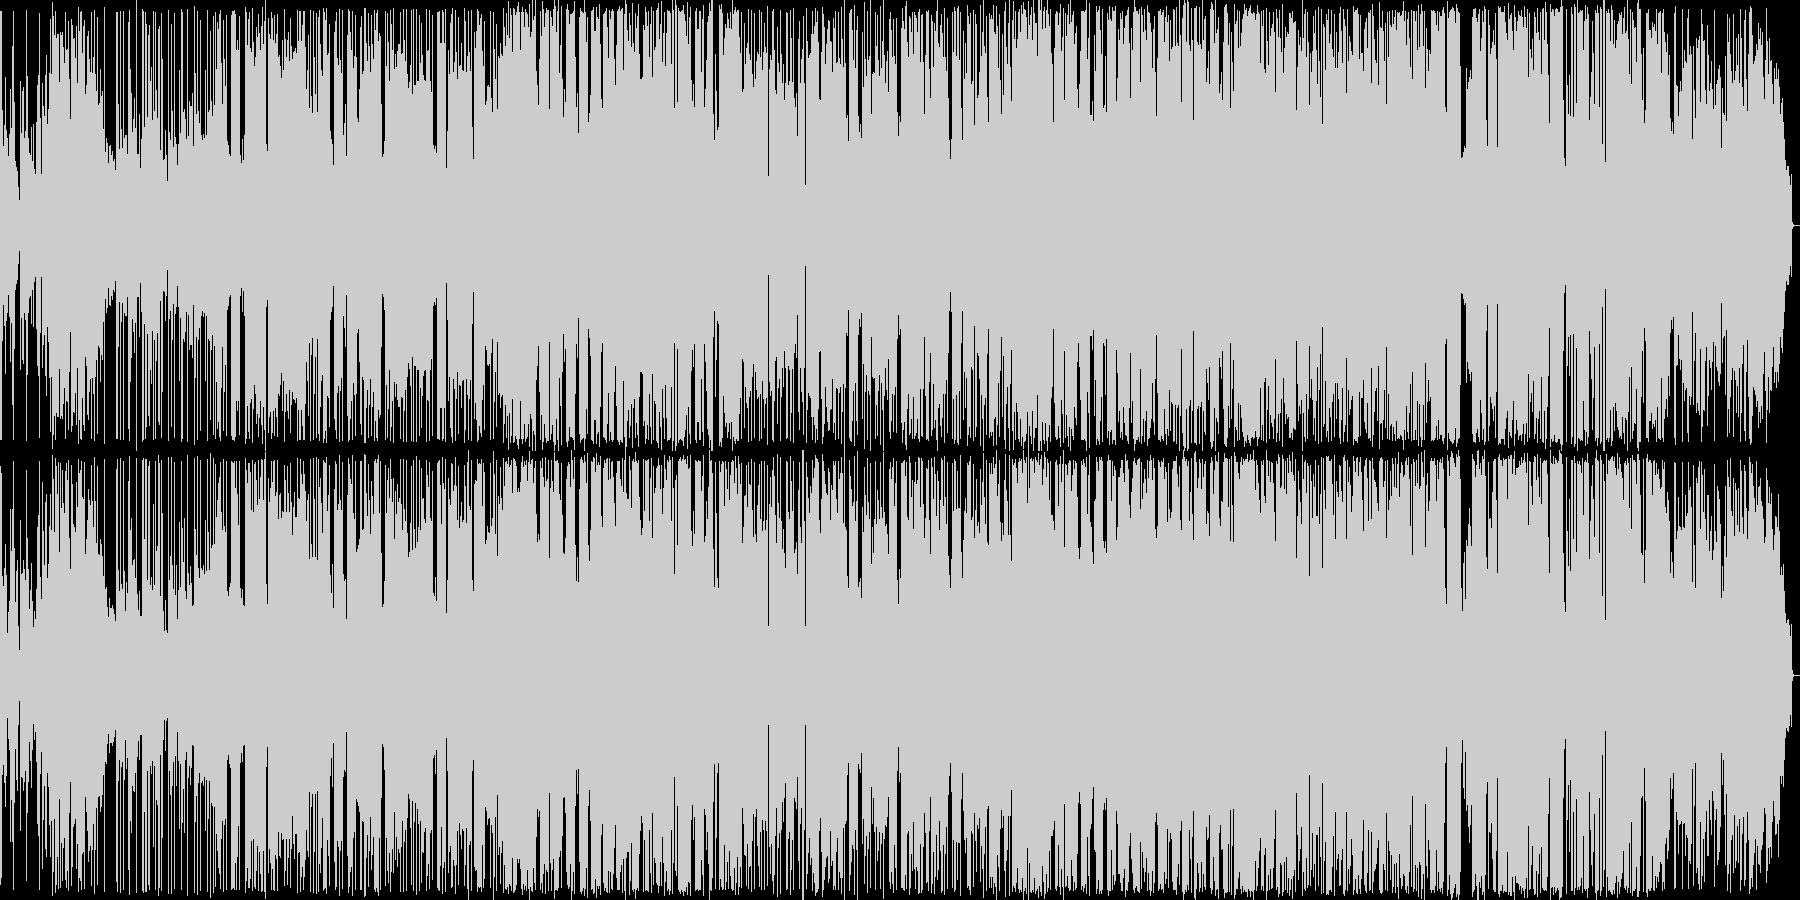 オリエンタルな雰囲気のR&Bバラードの未再生の波形